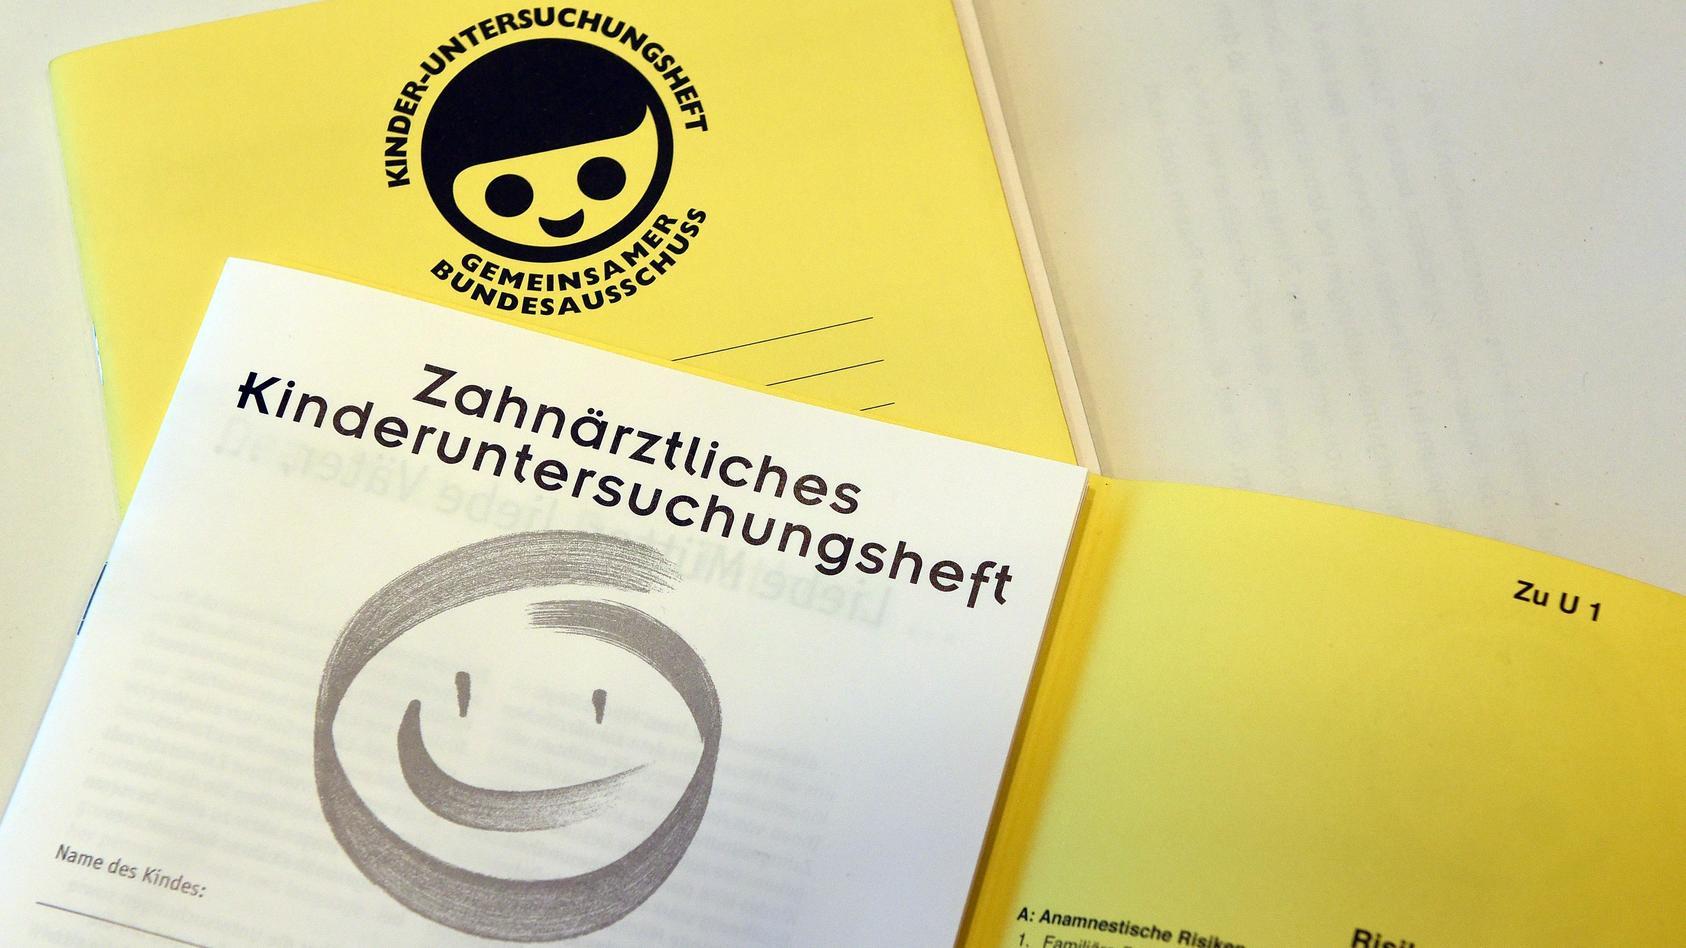 Das gelbe Untersuchungsheft: Ein wichtiges Dokument für die Gesundheitsvorsorge des Babys. In dem Heftchen werden alle U-Untersuchungen eingetragen, die im Kindesalter durchgeführt werden sollten.